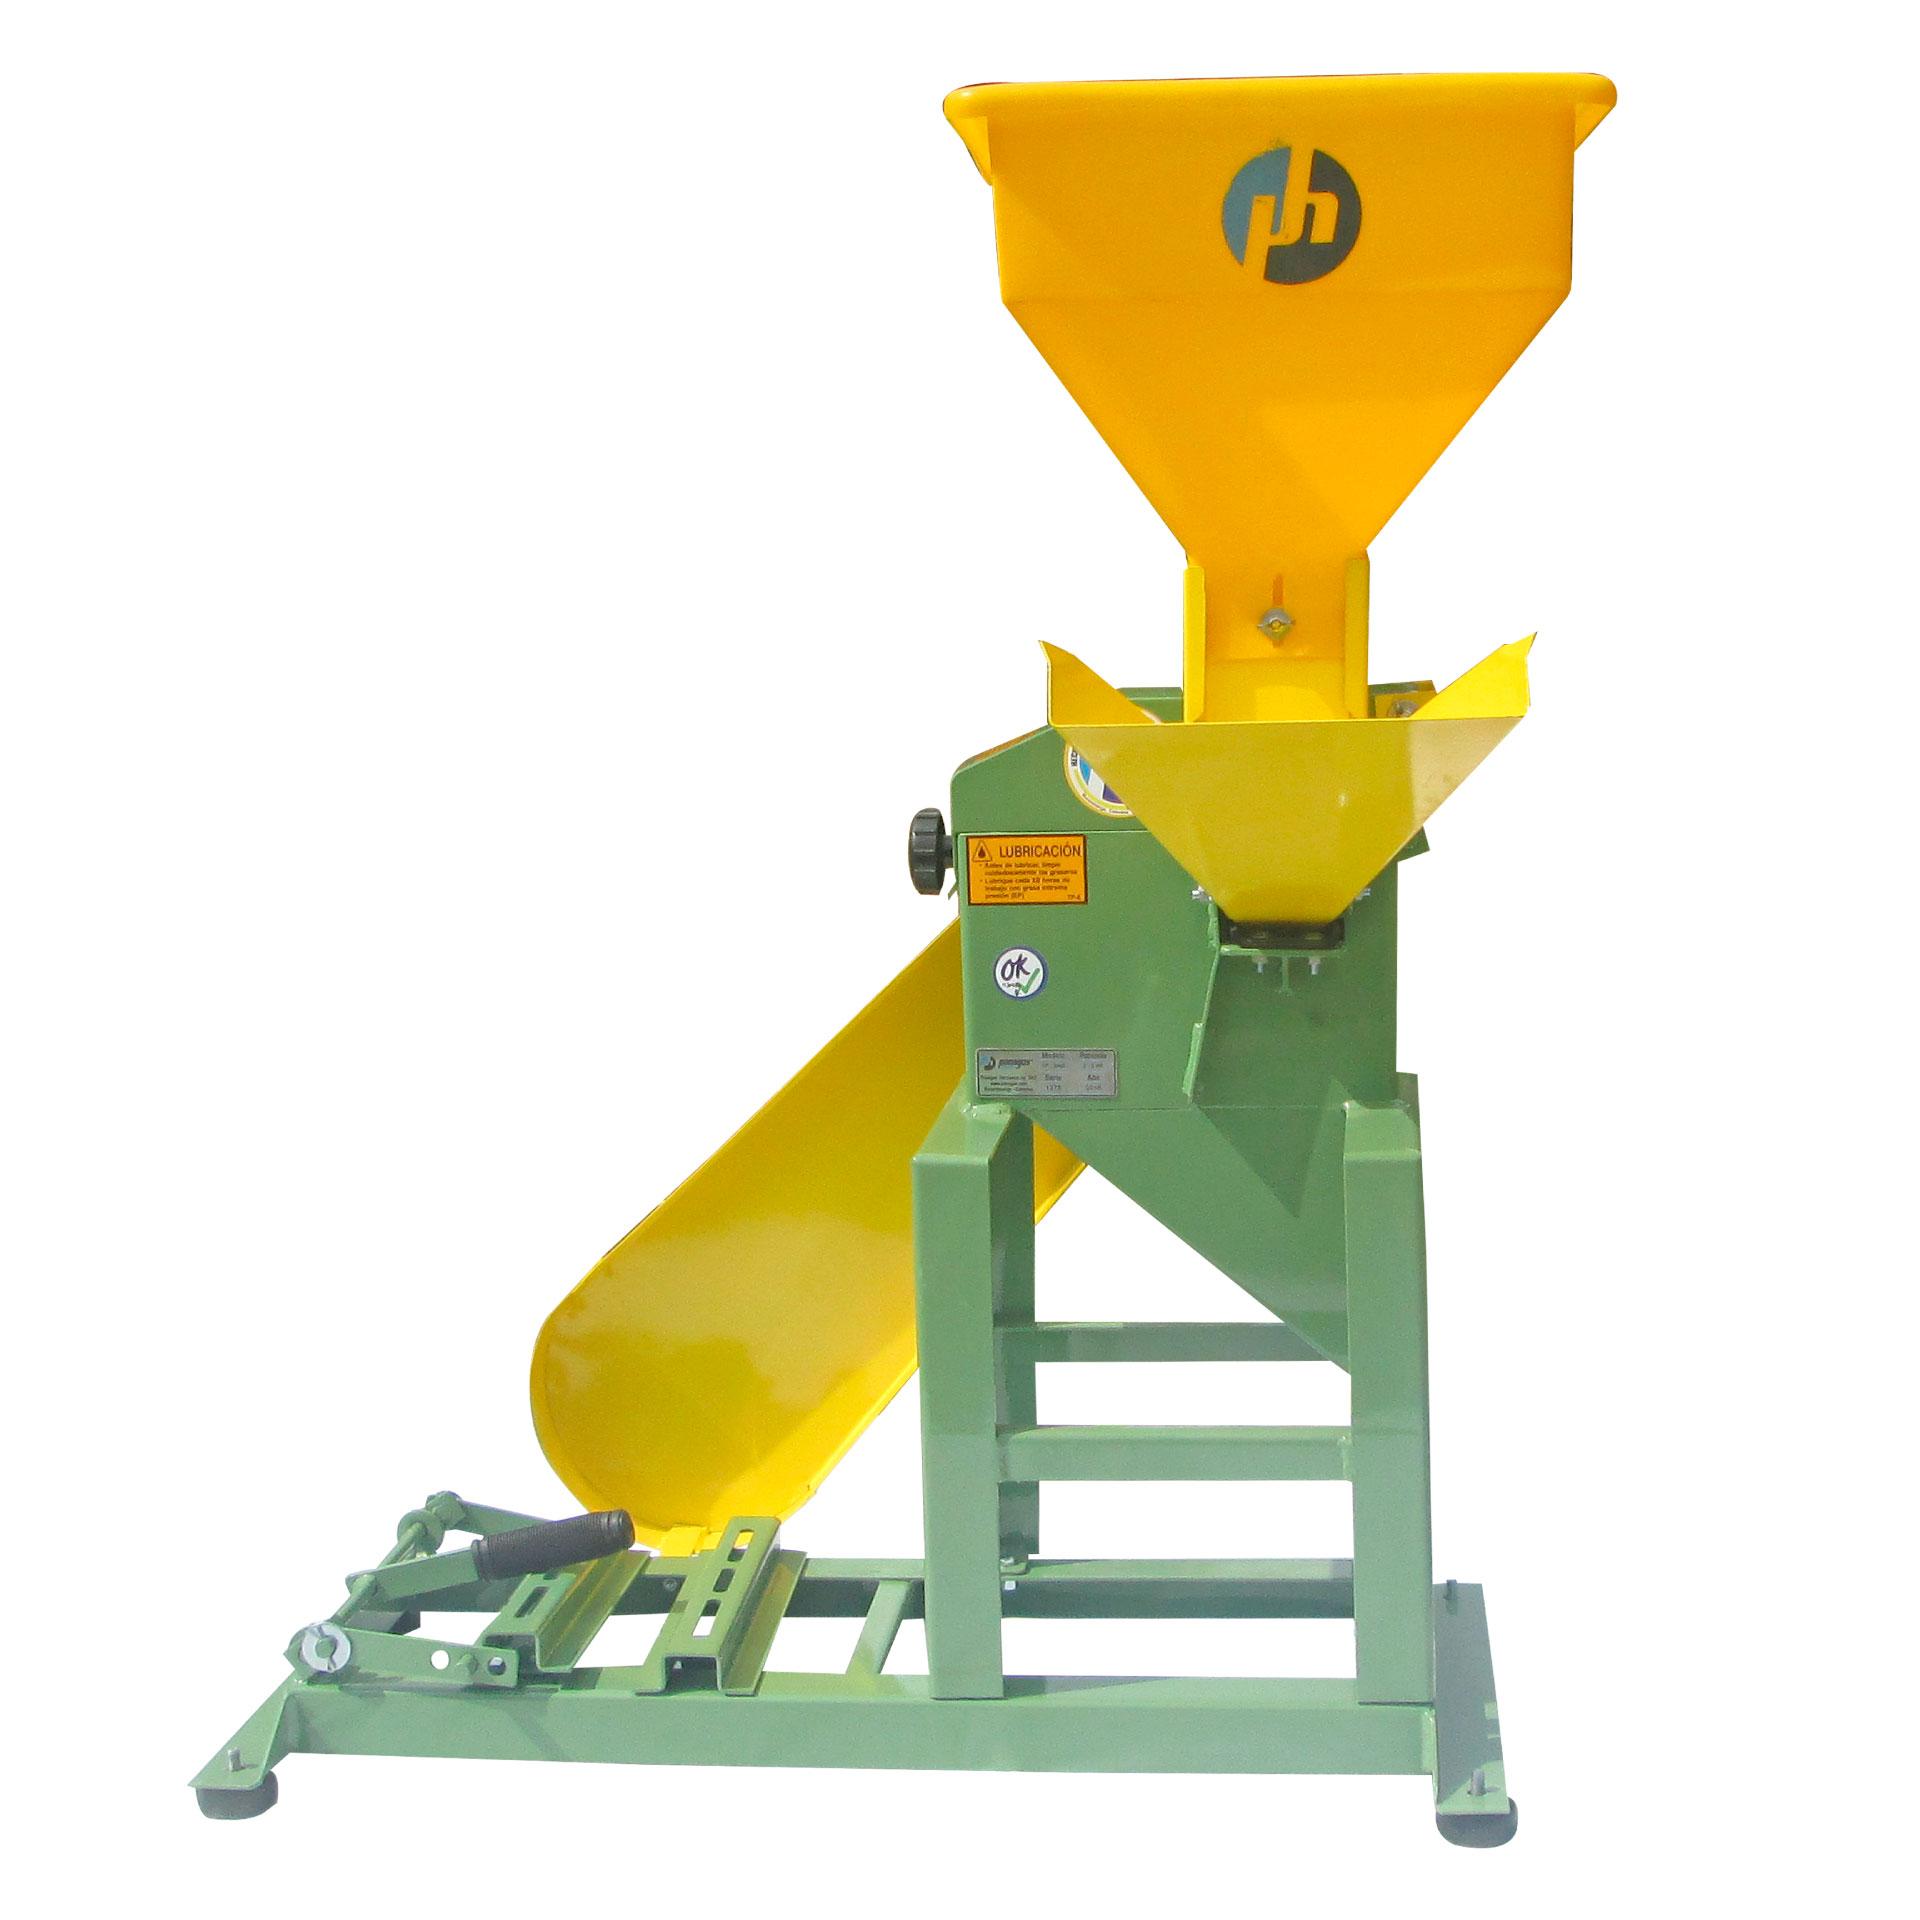 Triturador-Picador-Tp-8-Herramientas-Y-Equipos